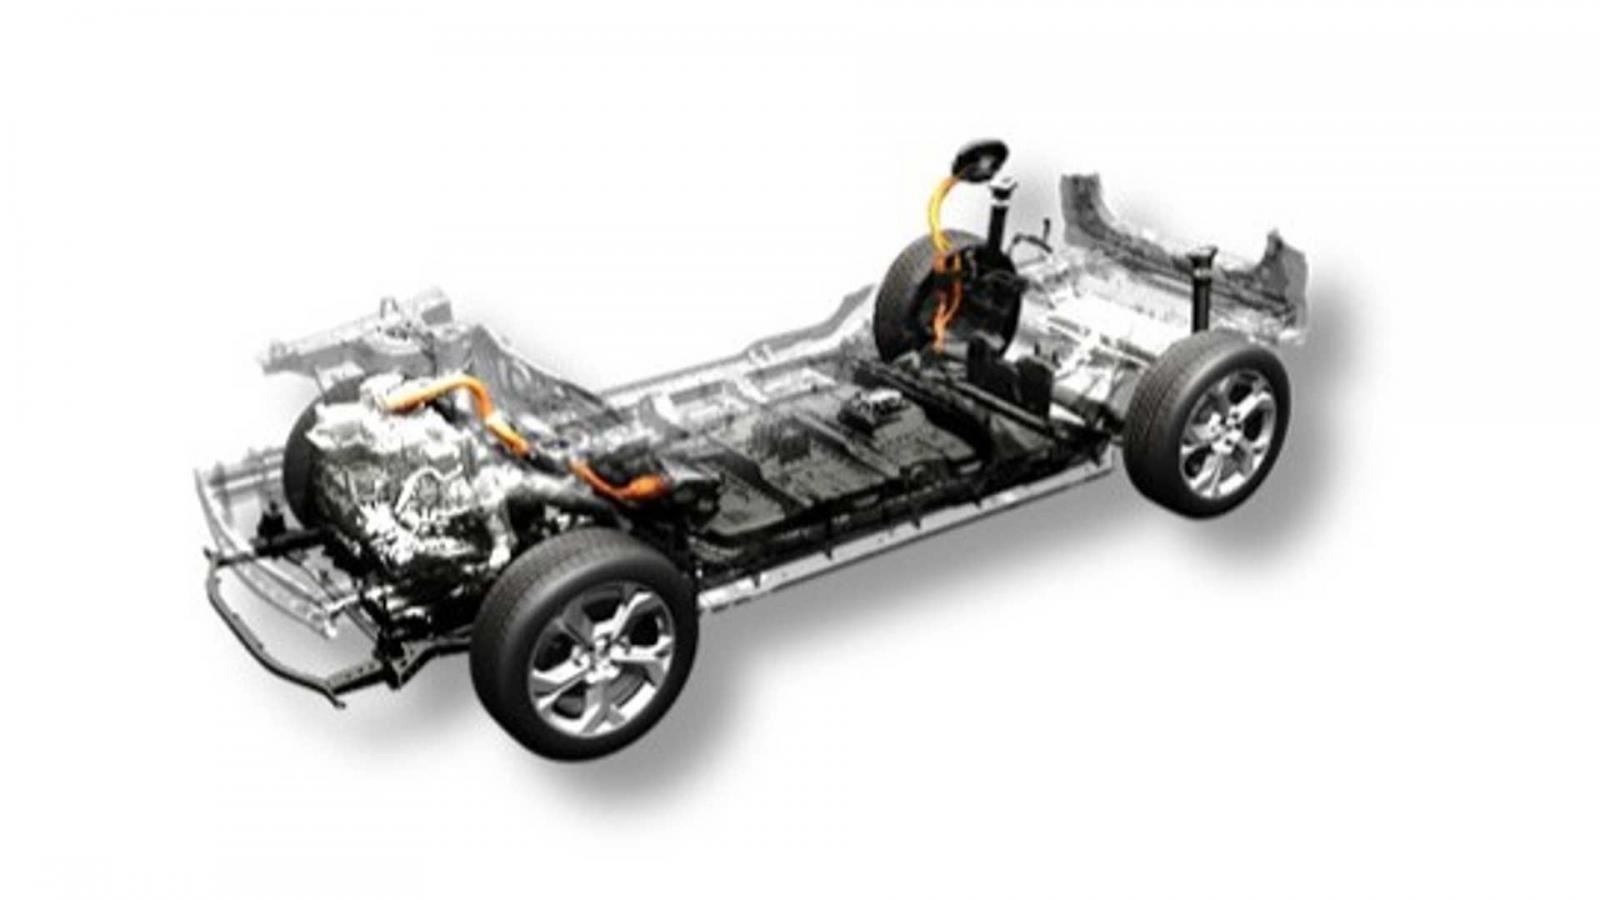 Kết cấu các mẫu xe điện Mazda trang bị hệ thống động cơ phụ mở rộng phạm vi hoạt động.